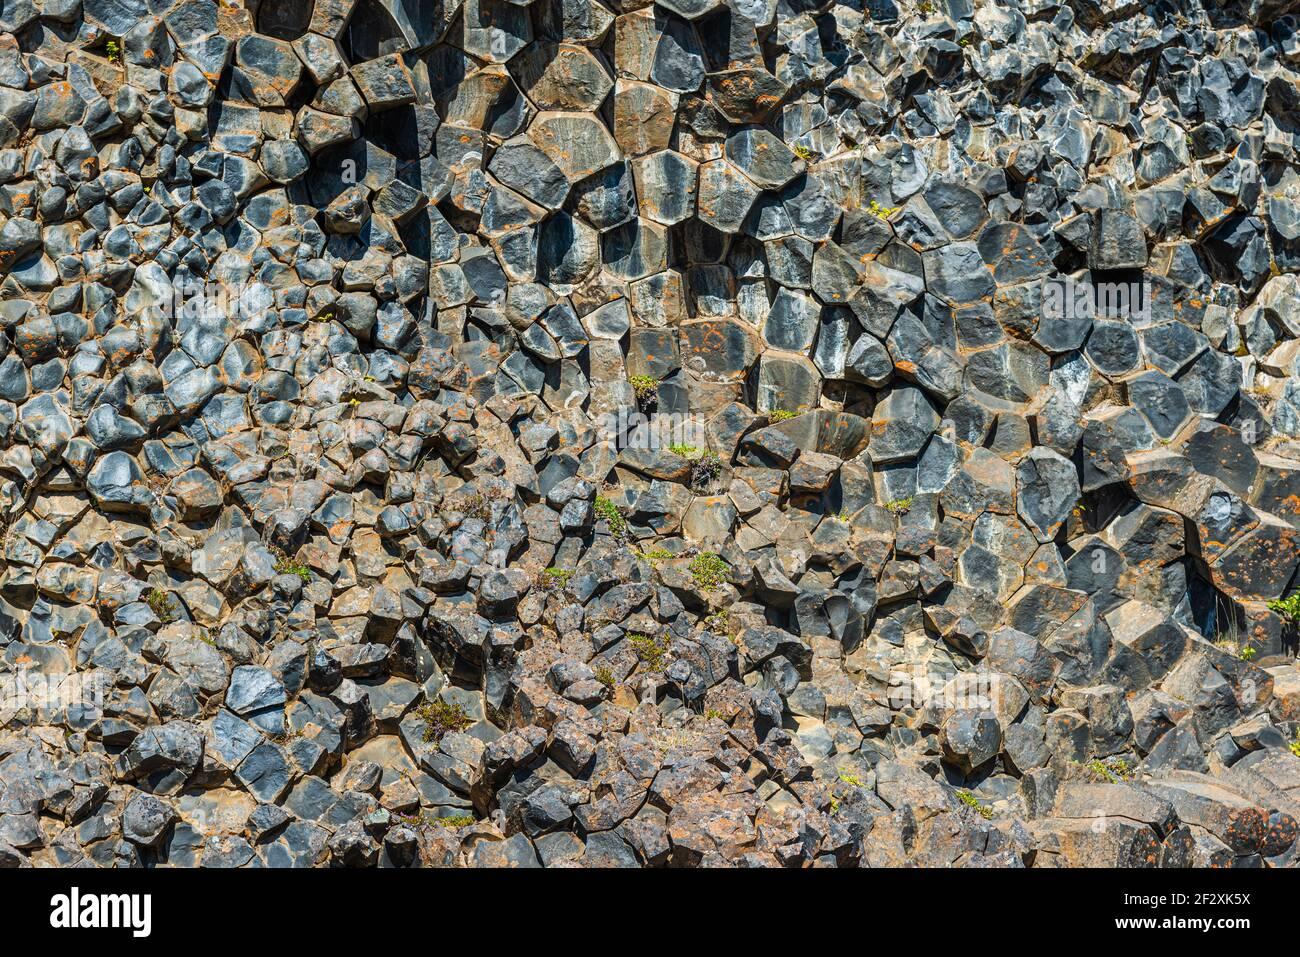 Detalle de rocas de basalto hexagonales en Hljodaklettar en Islandia Foto de stock